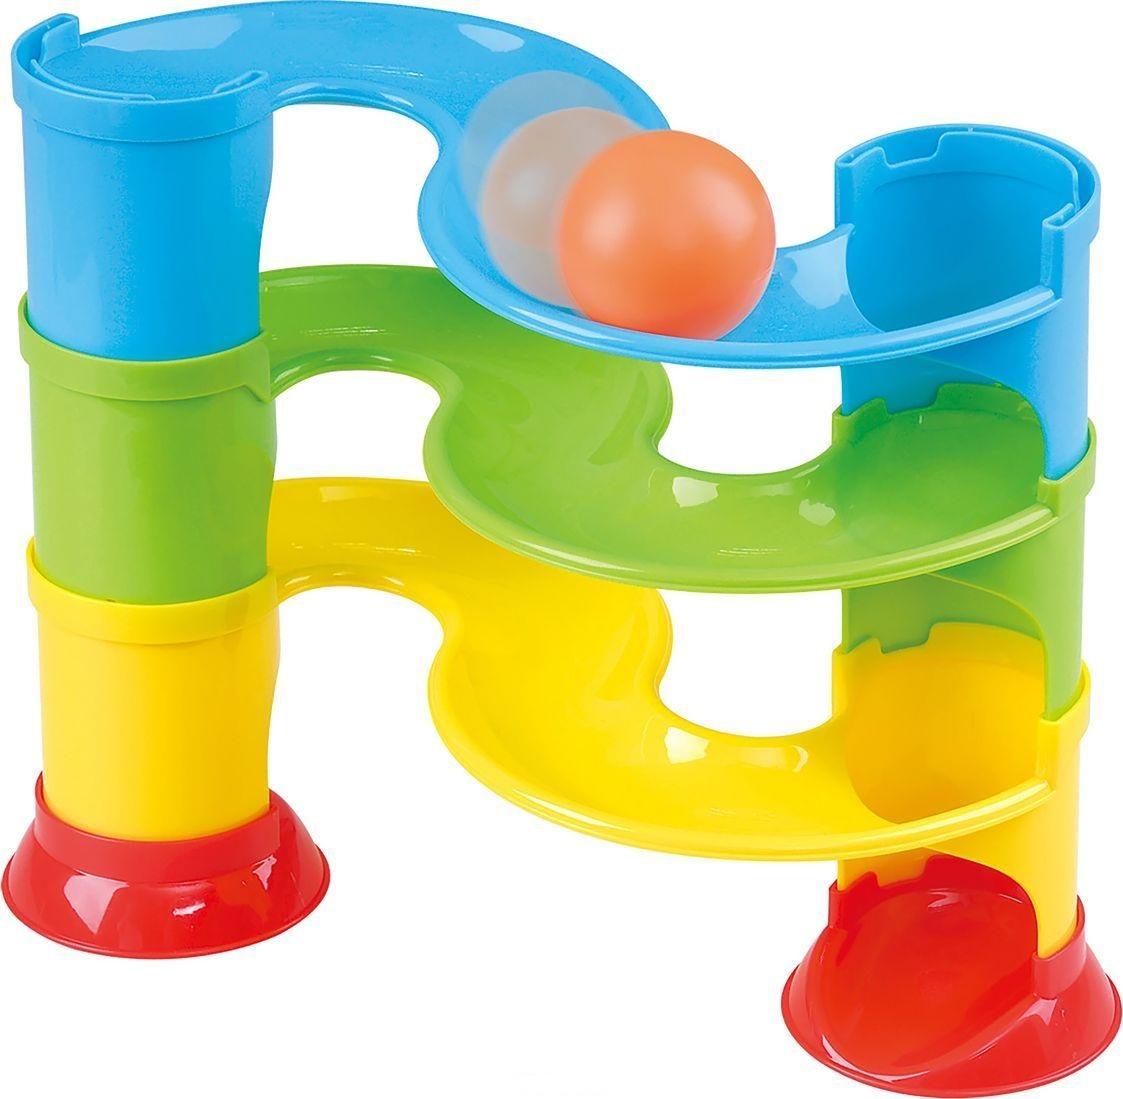 Развивающая игрушка - Трек с шарами, 3 ярусаРазвивающие игрушки PlayGo<br>Развивающая игрушка - Трек с шарами, 3 яруса<br>